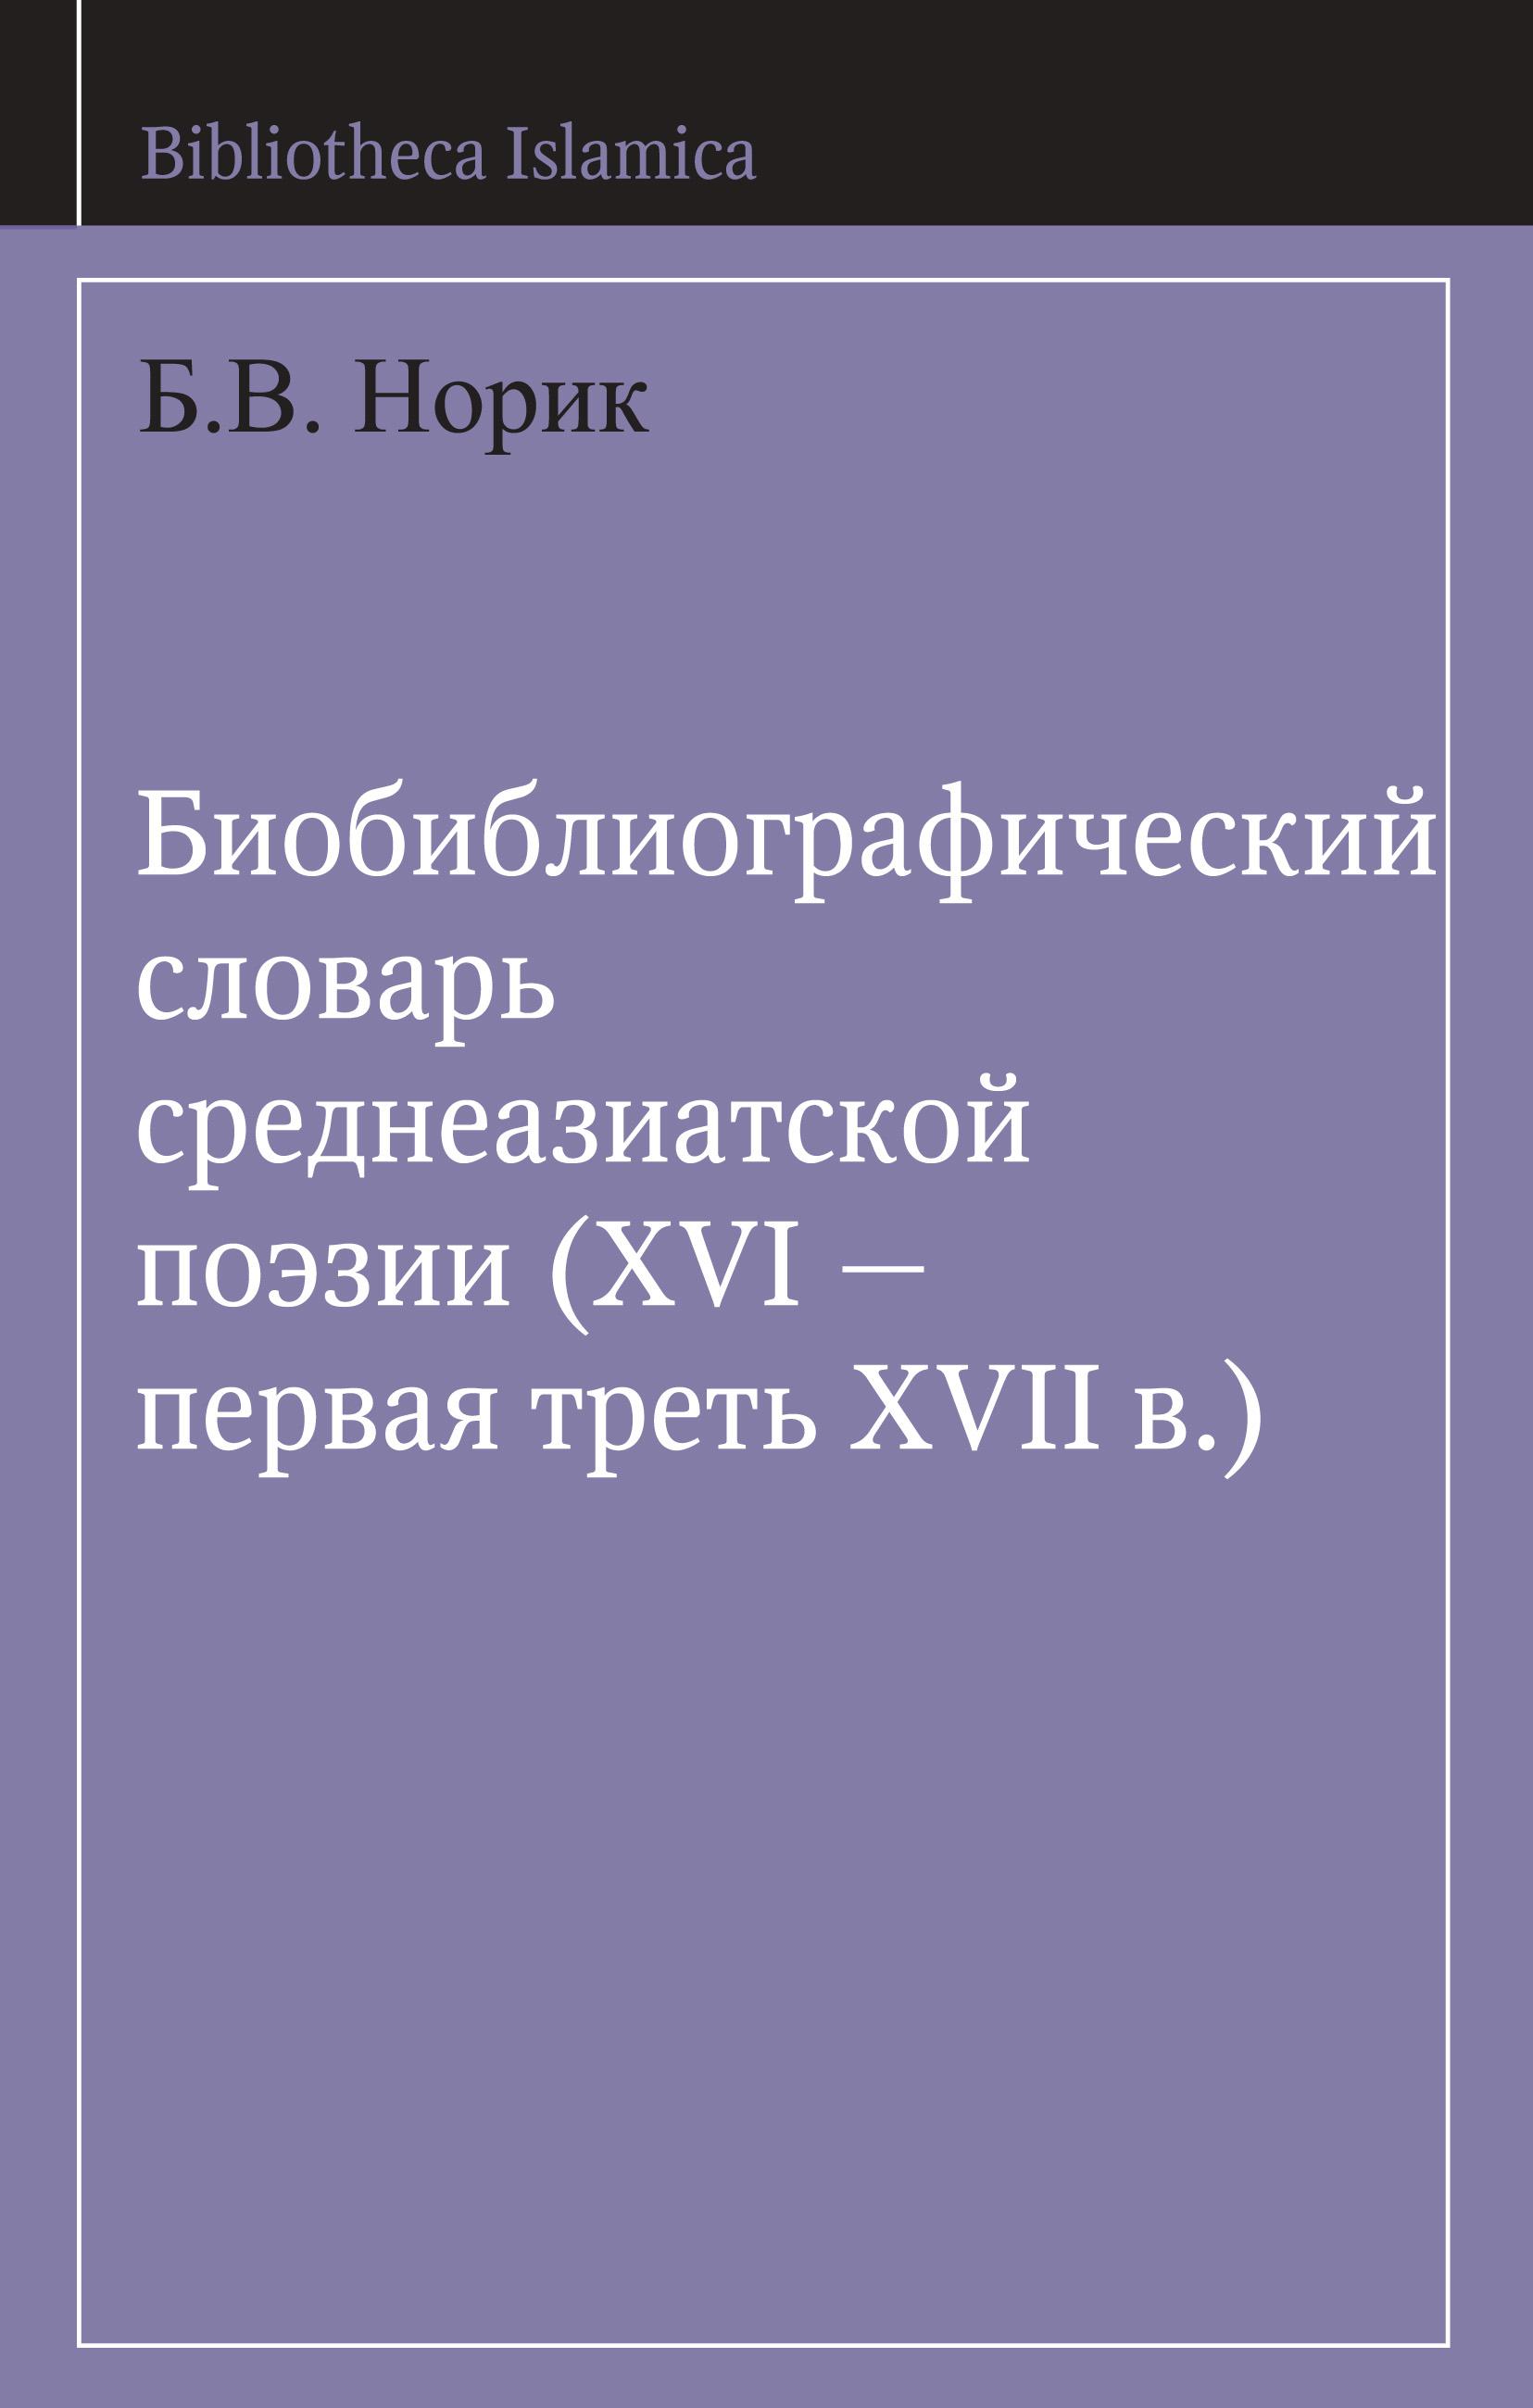 Биобиблиографический словарь среднеазиатской поэзии (XVI – первая треть XVII в.)